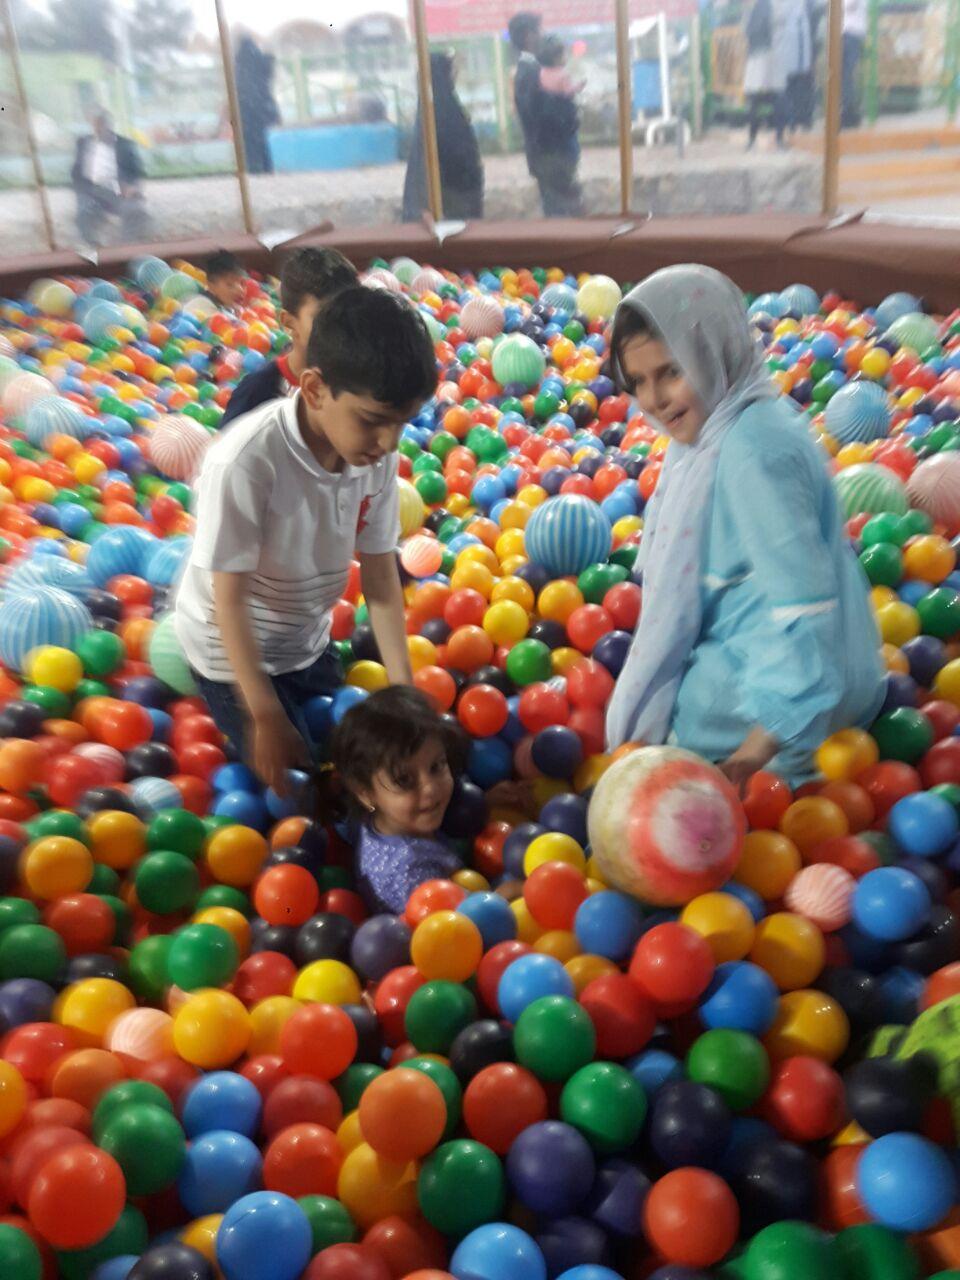 بازی کردن کودکان